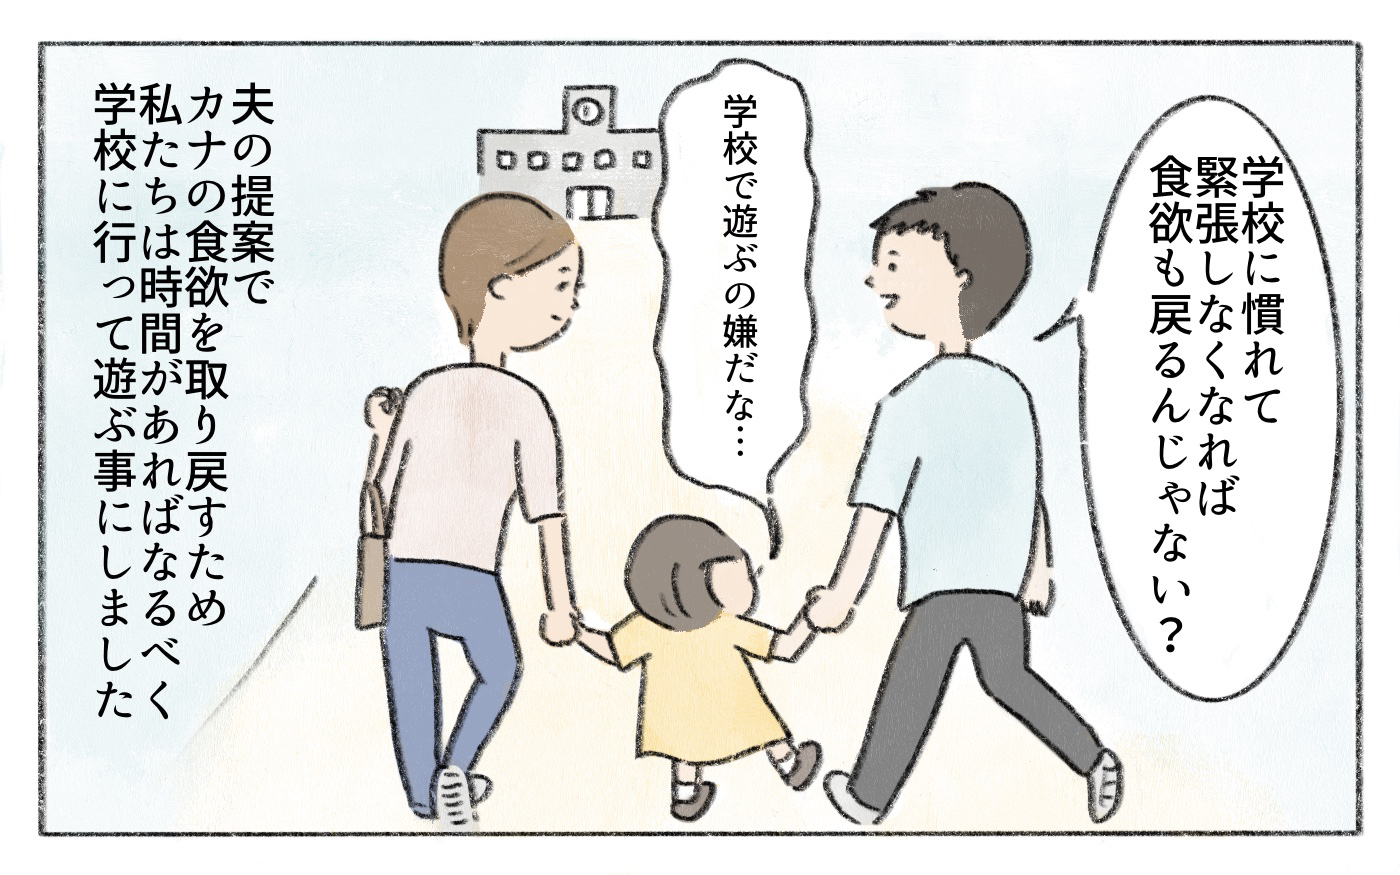 娘が学校に慣れるように…親が校庭で一緒に遊ぶようにしてみると